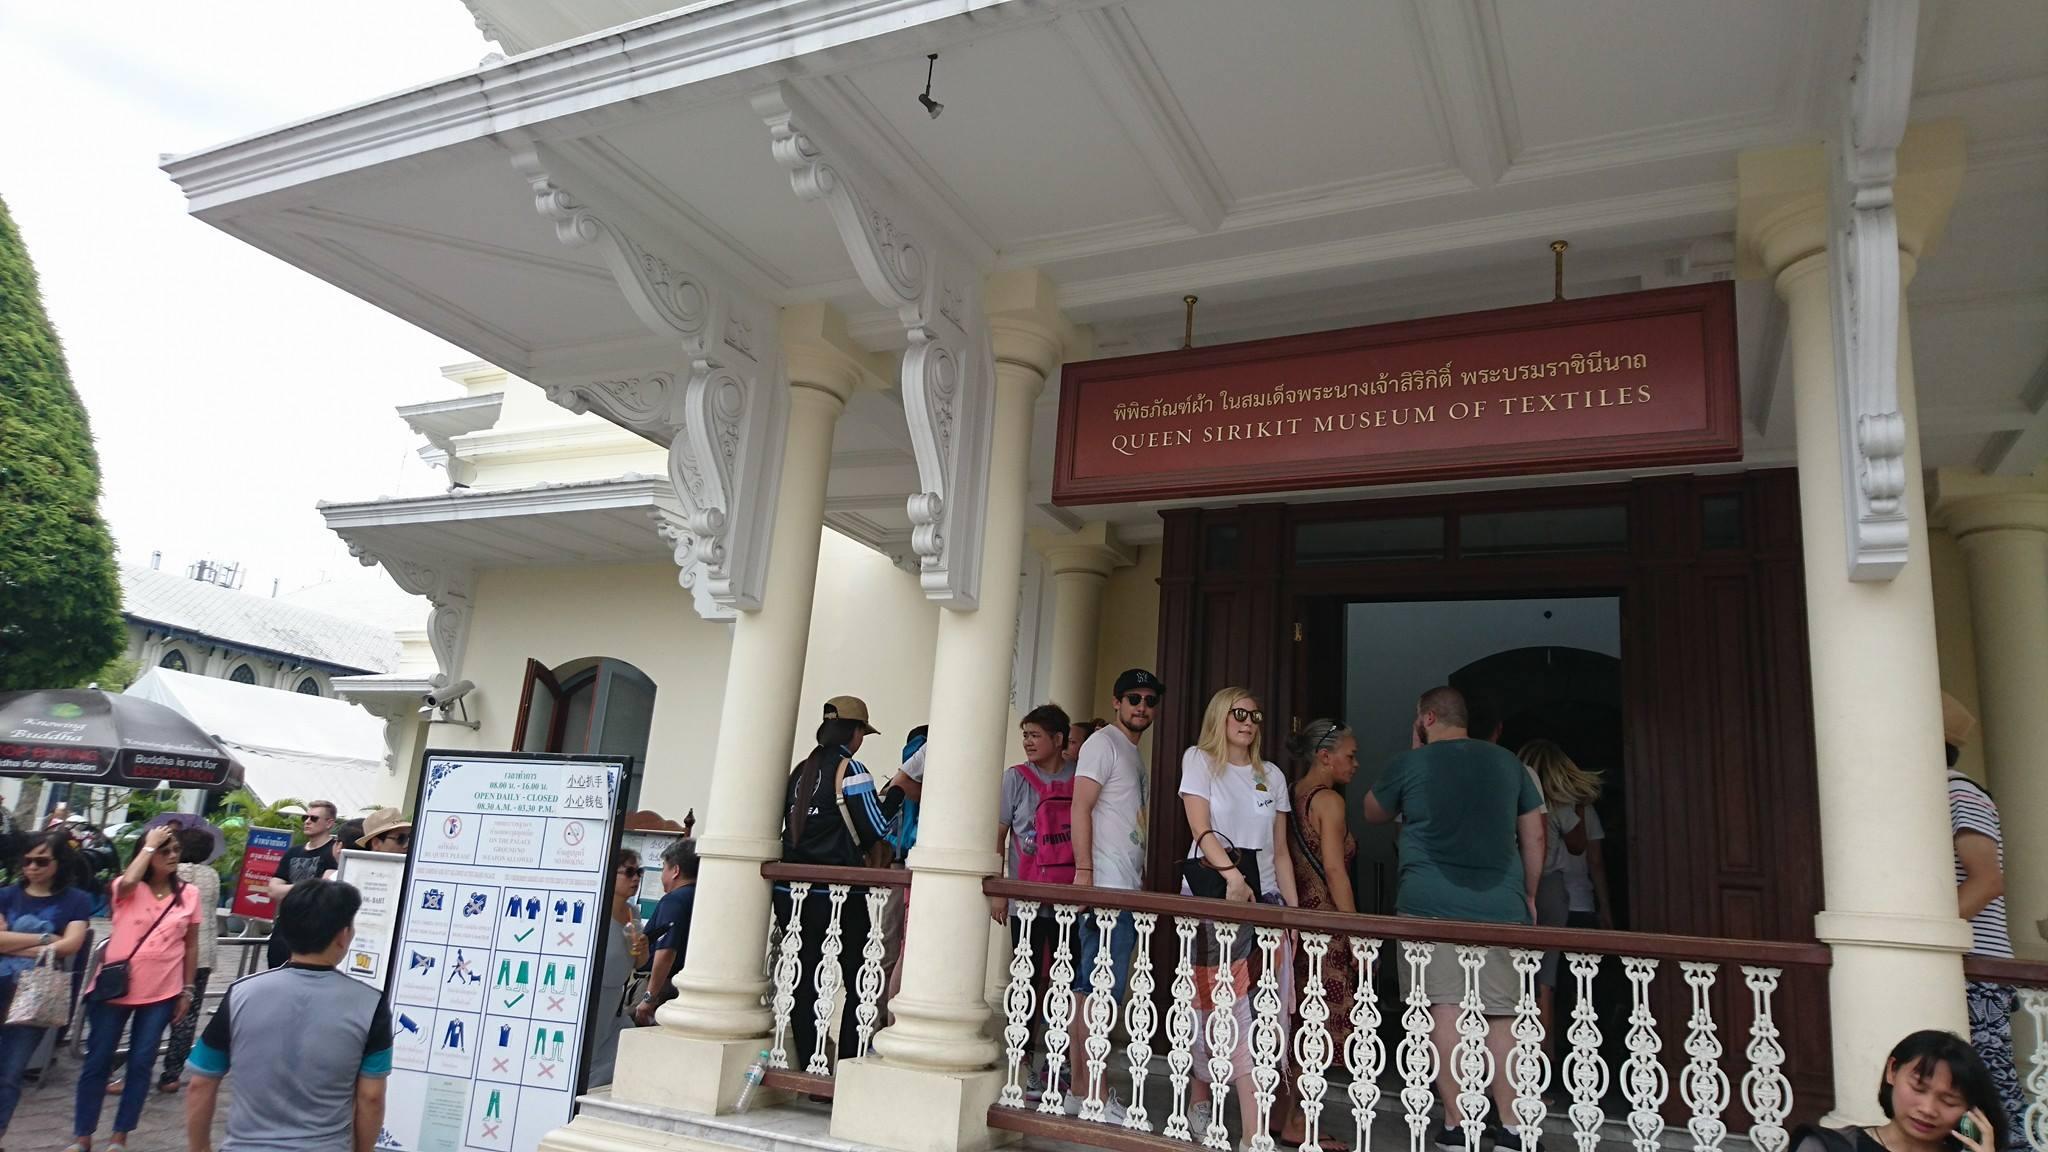 [新聞] 前往泰國曼谷大皇宮與玉佛寺要注意服裝